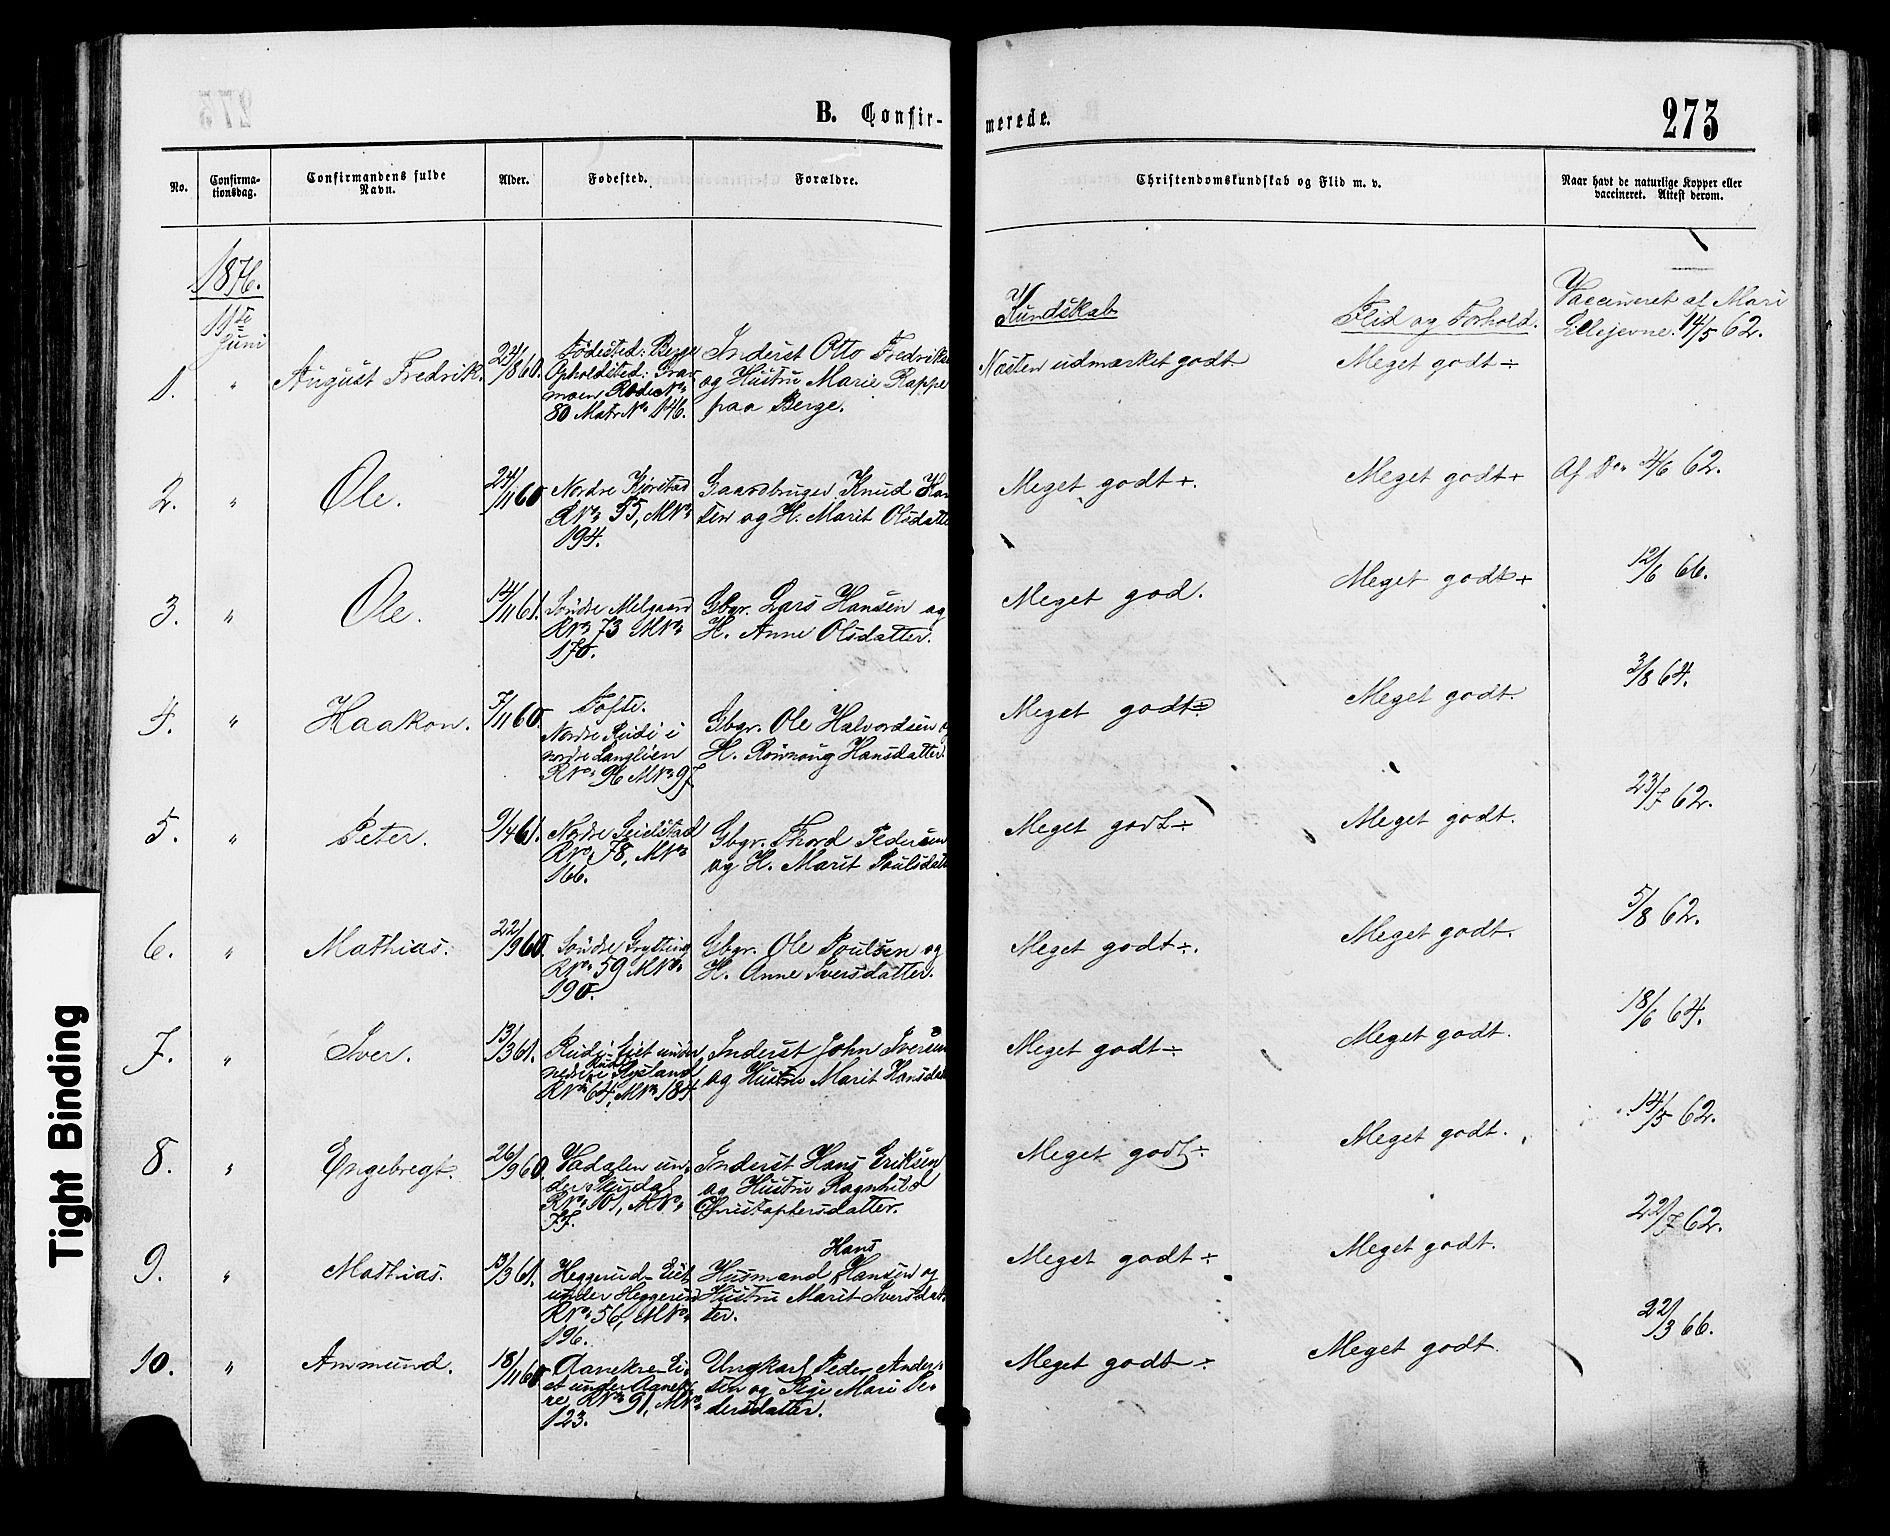 SAH, Sør-Fron prestekontor, H/Ha/Haa/L0002: Ministerialbok nr. 2, 1864-1880, s. 273